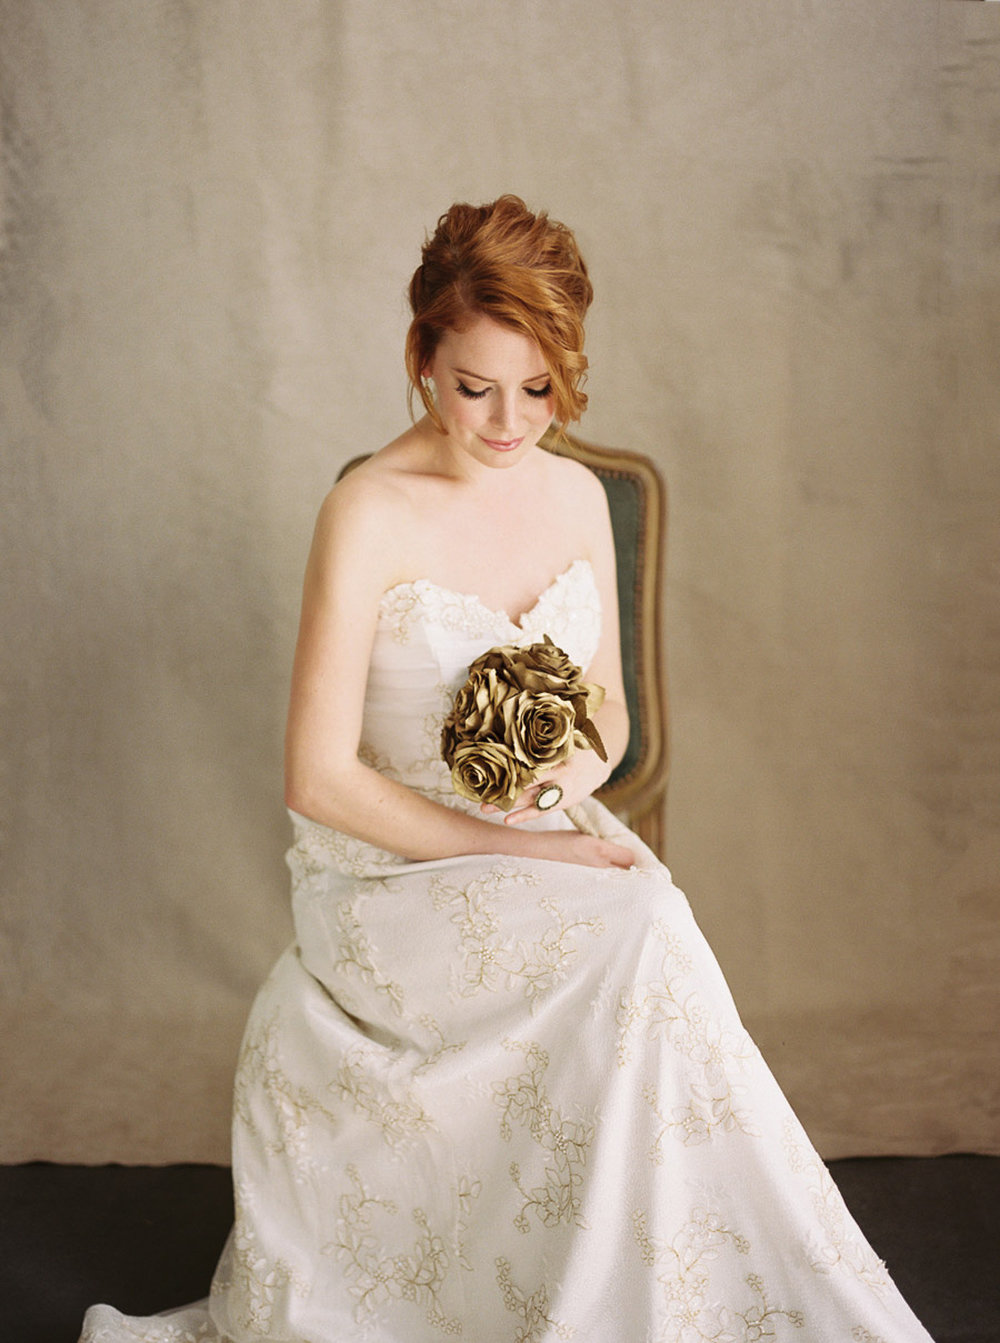 Lara_Lam_Vintage_Heirloom_wedding_photographer_Etablir_shop_vintage_rental39.jpg